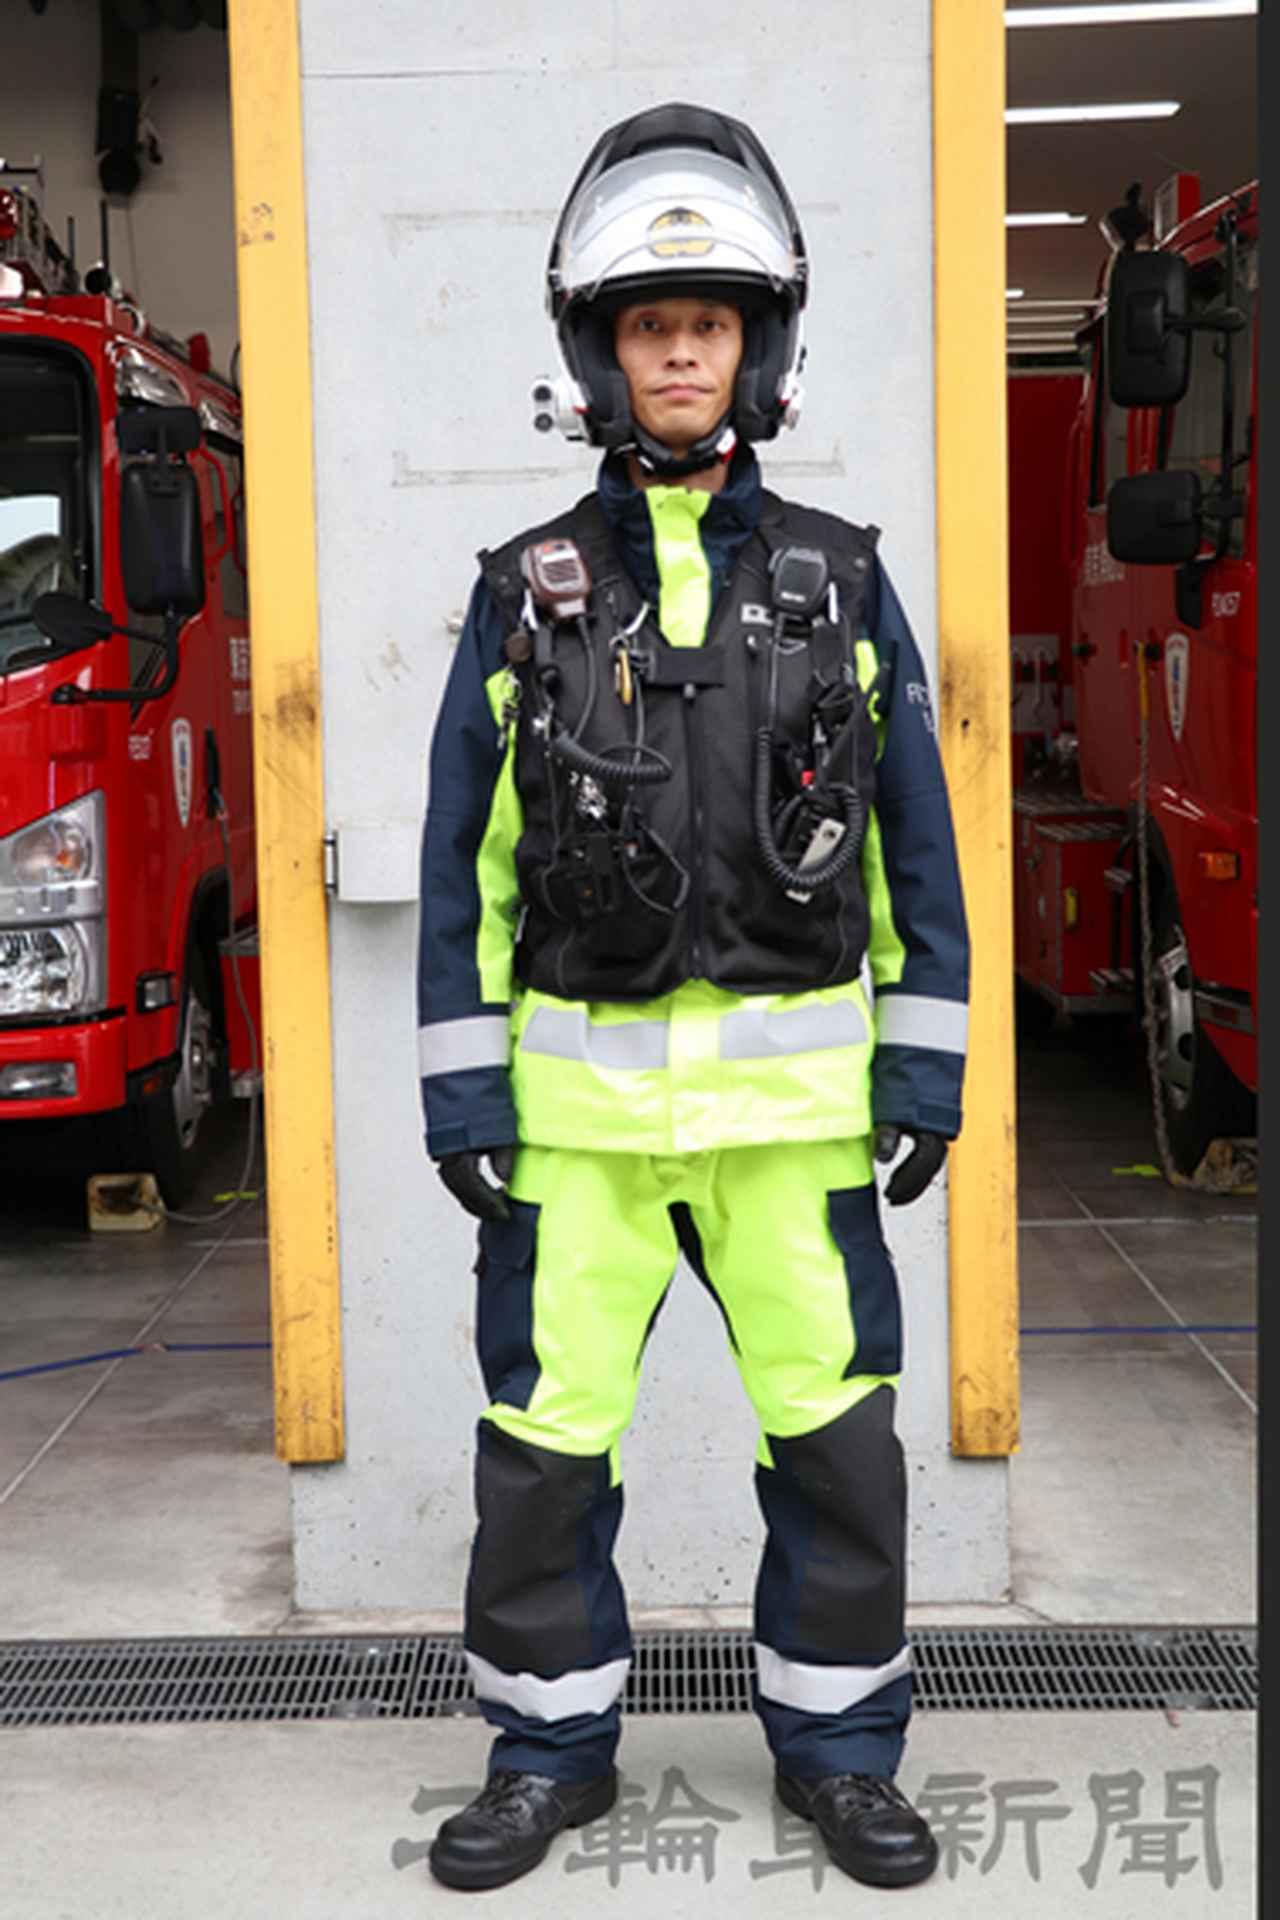 画像: 出動時のスタイル。ファーストエイドチームオリジナルの消防衣にエアバッグを内蔵したベストを装備する。二輪車ではライダーを守ってくれるおなじみの装備だが、ファーストエイドチームでも着用しているのだ